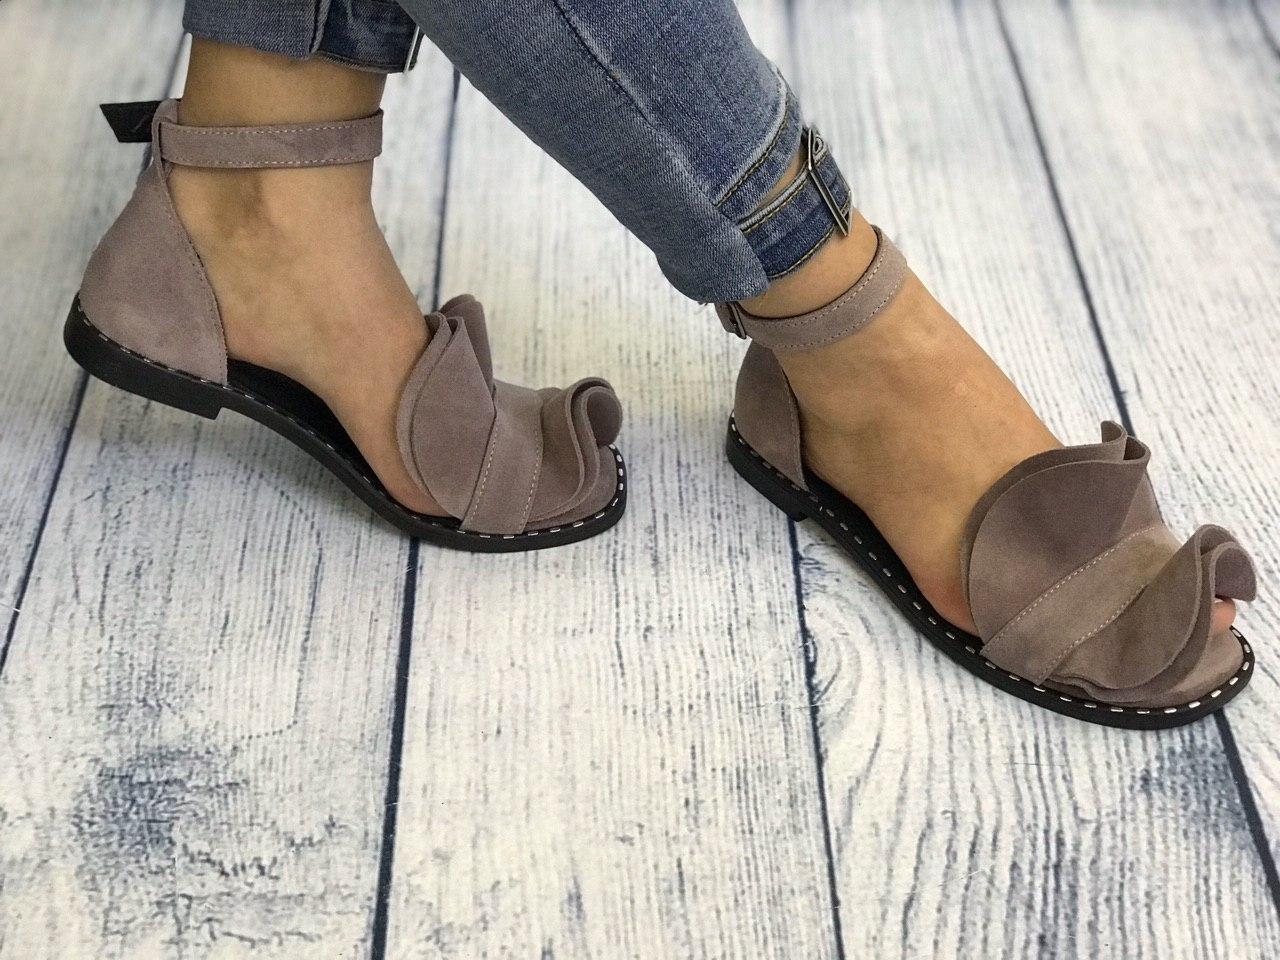 Замшевые босоножки мокко 1 см каблук, кожа или замша пошив с рюшечкой размеры 36-41